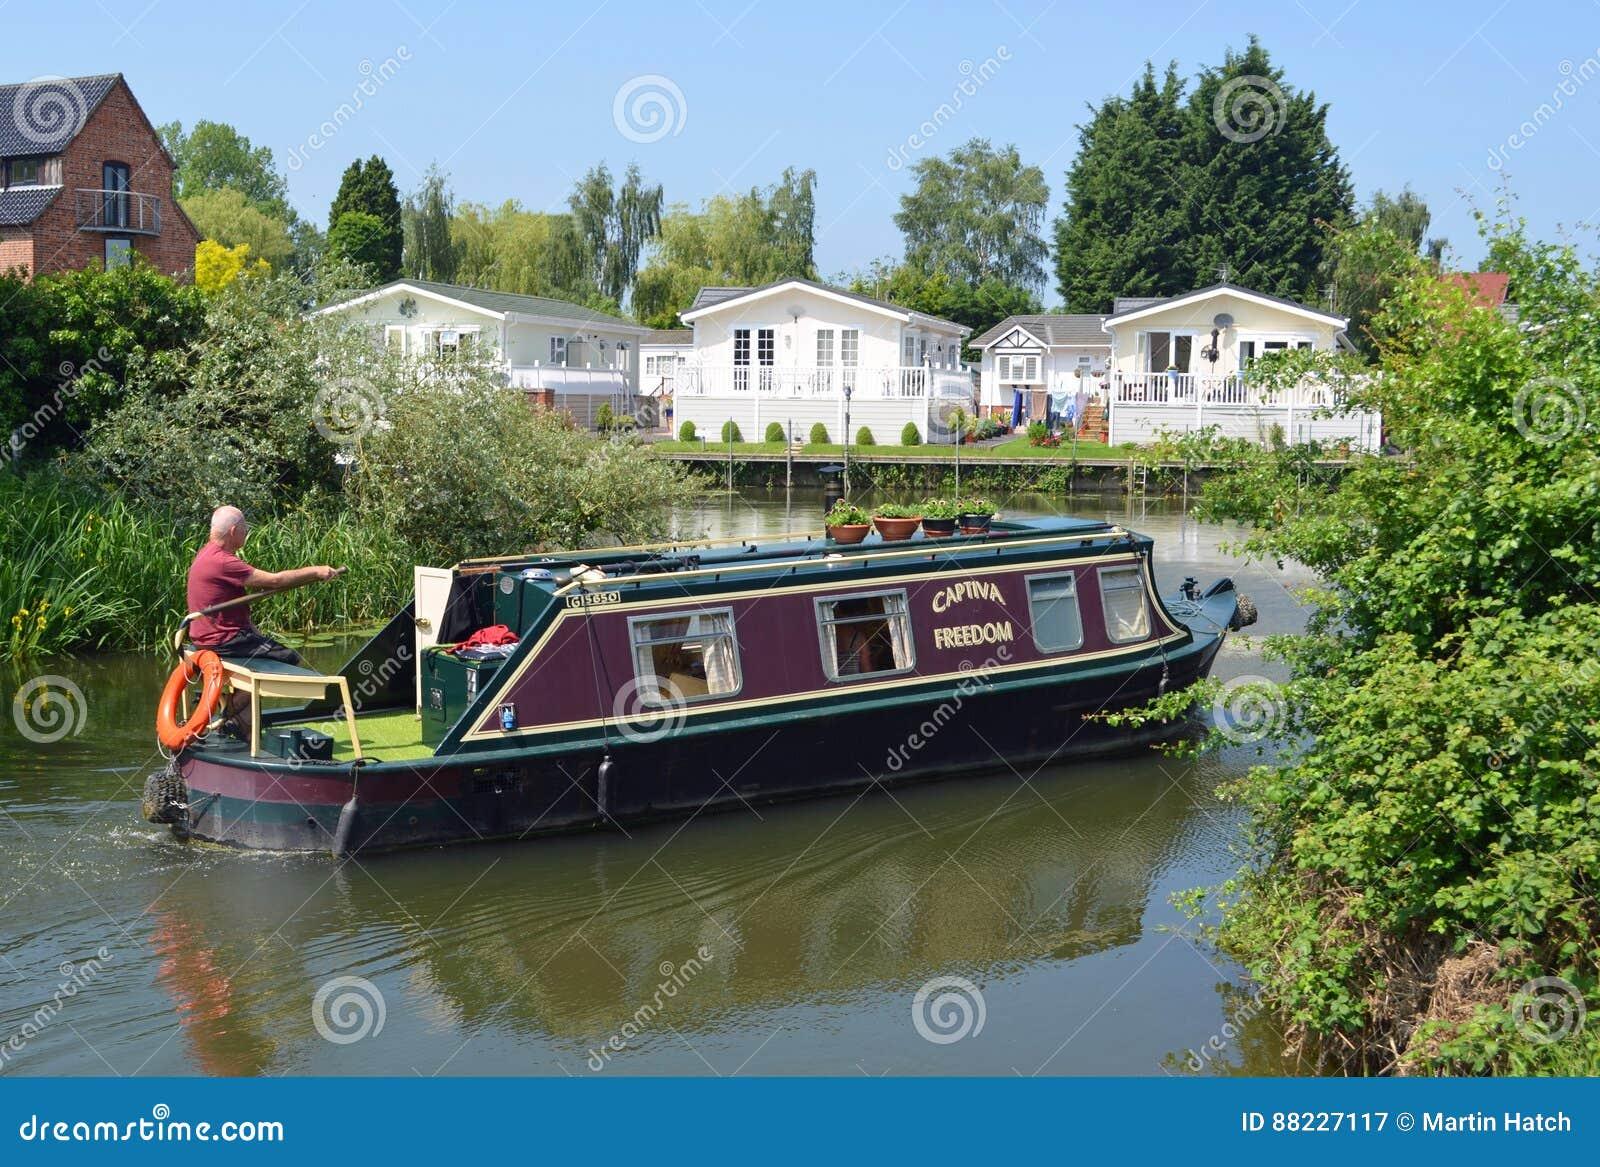 Ditional restringe la barca sul fiume Ouse con le casette della riva del fiume a Buckden Marina Cambridgeshire